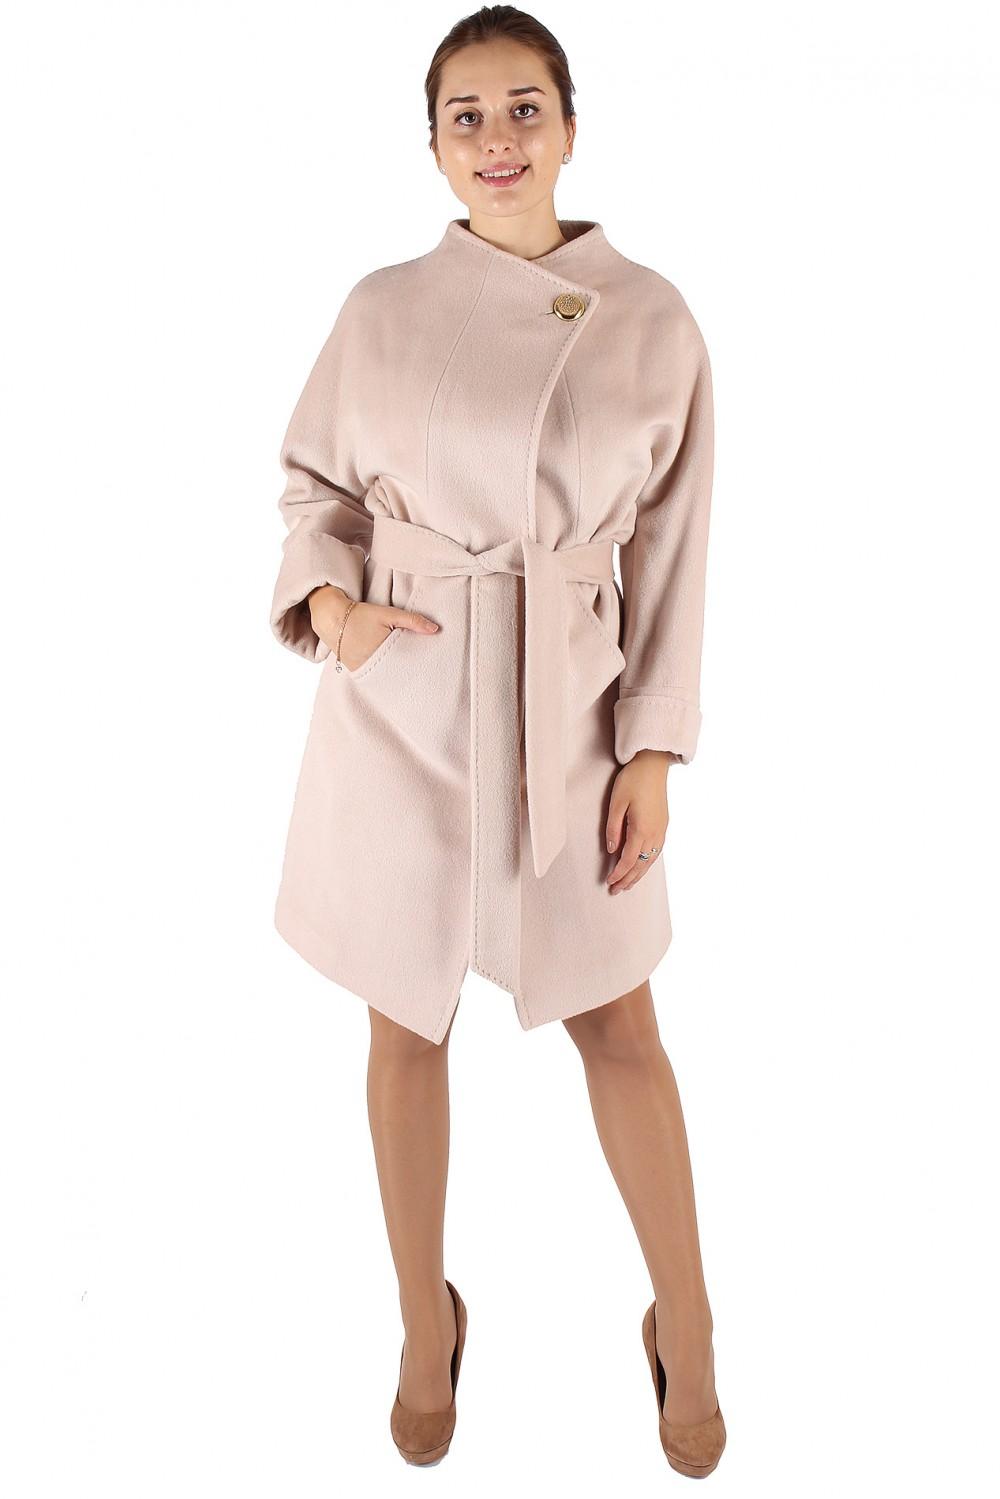 Купить оптом Пальто женское бежевого цвета 380B в Новосибирске